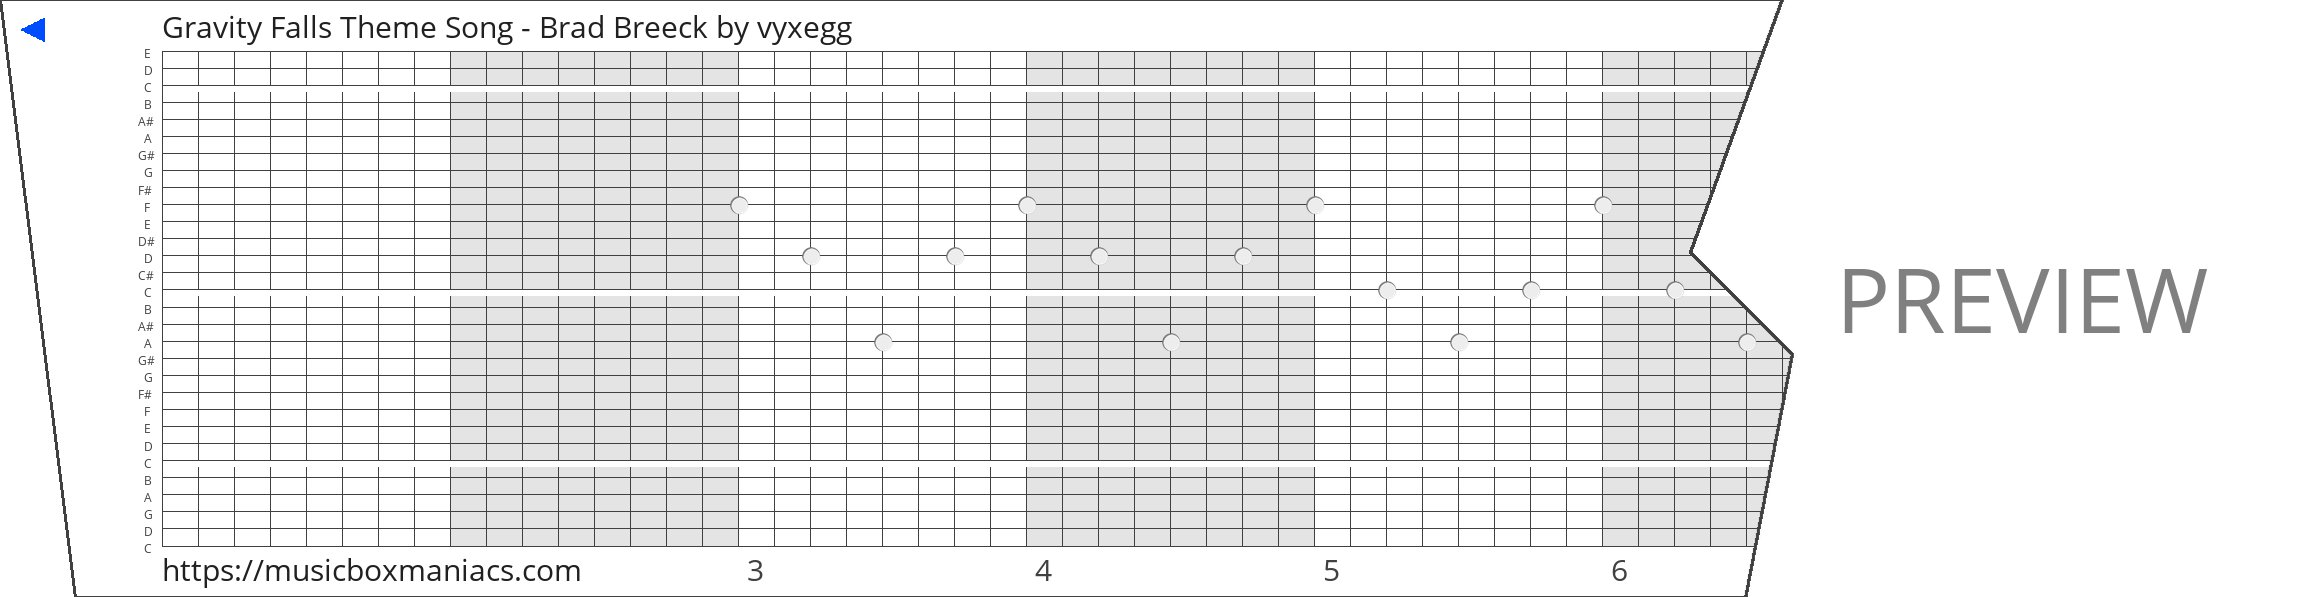 Gravity Falls Theme Song - Brad Breeck 30 note music box paper strip